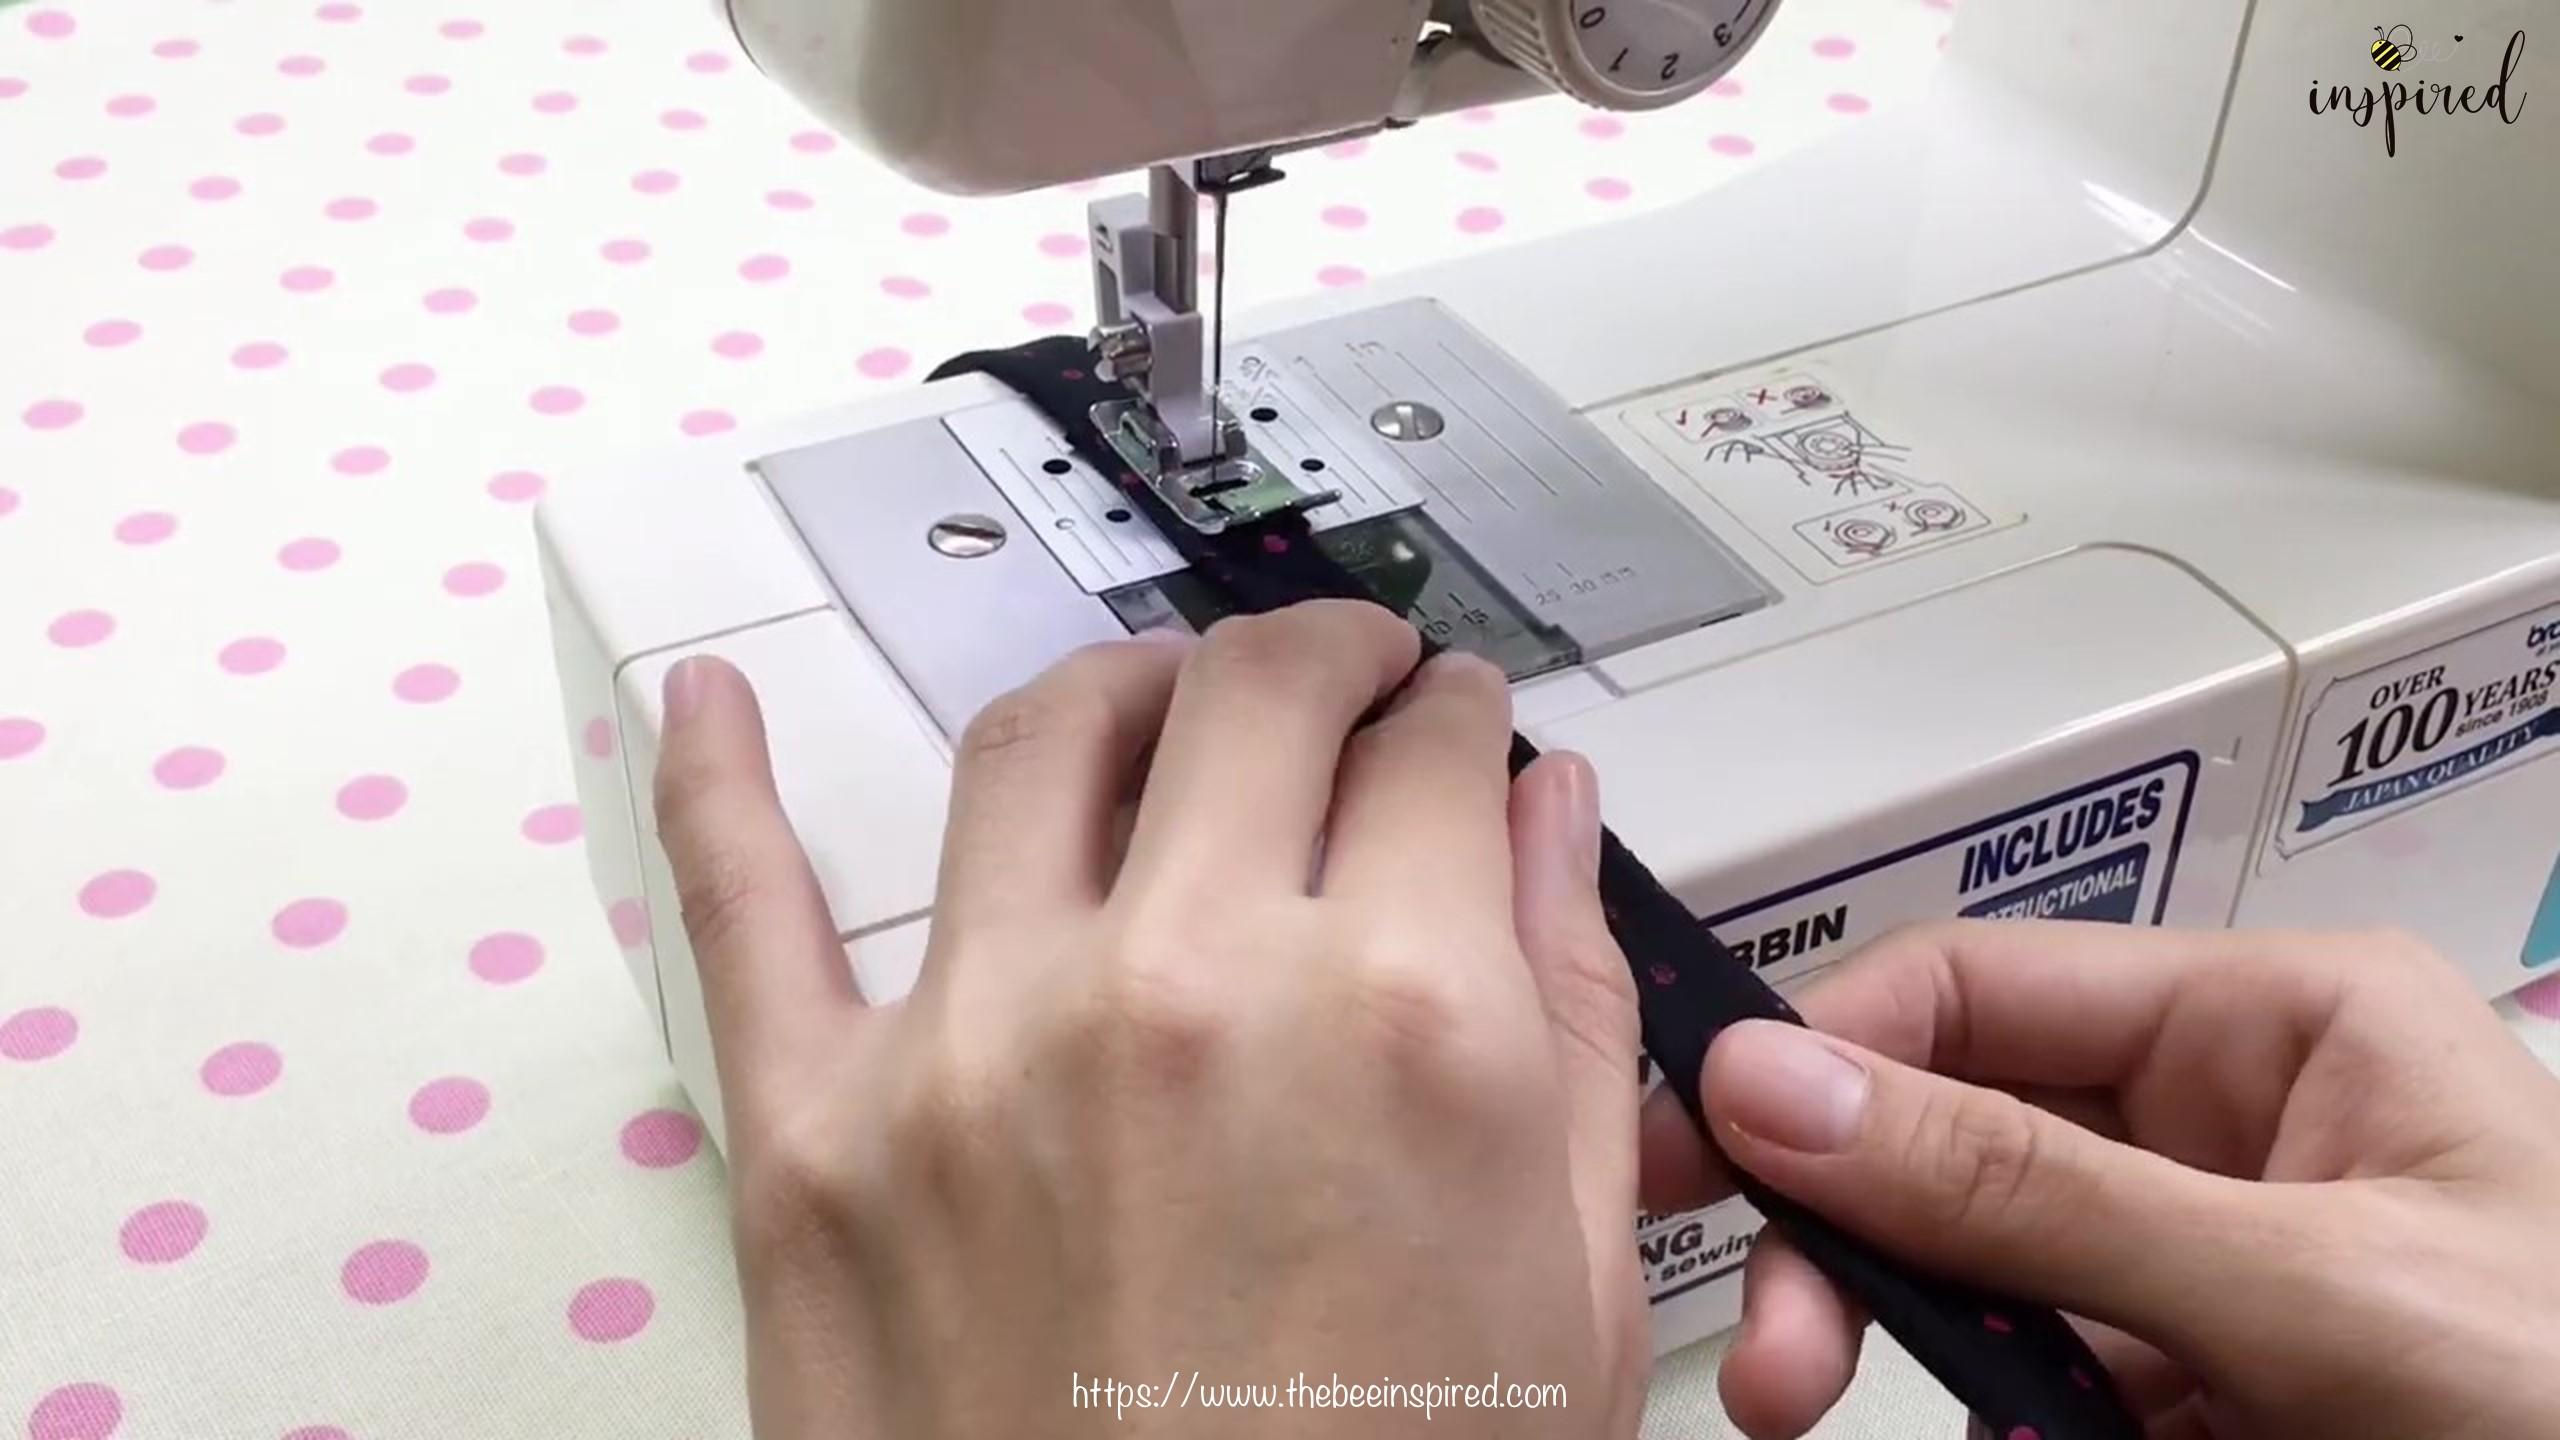 DIY สายคล้องแมสด้วยผ้าราคา 0 บาท _ How to Make Fabric Mask Strap with zero budget!_2